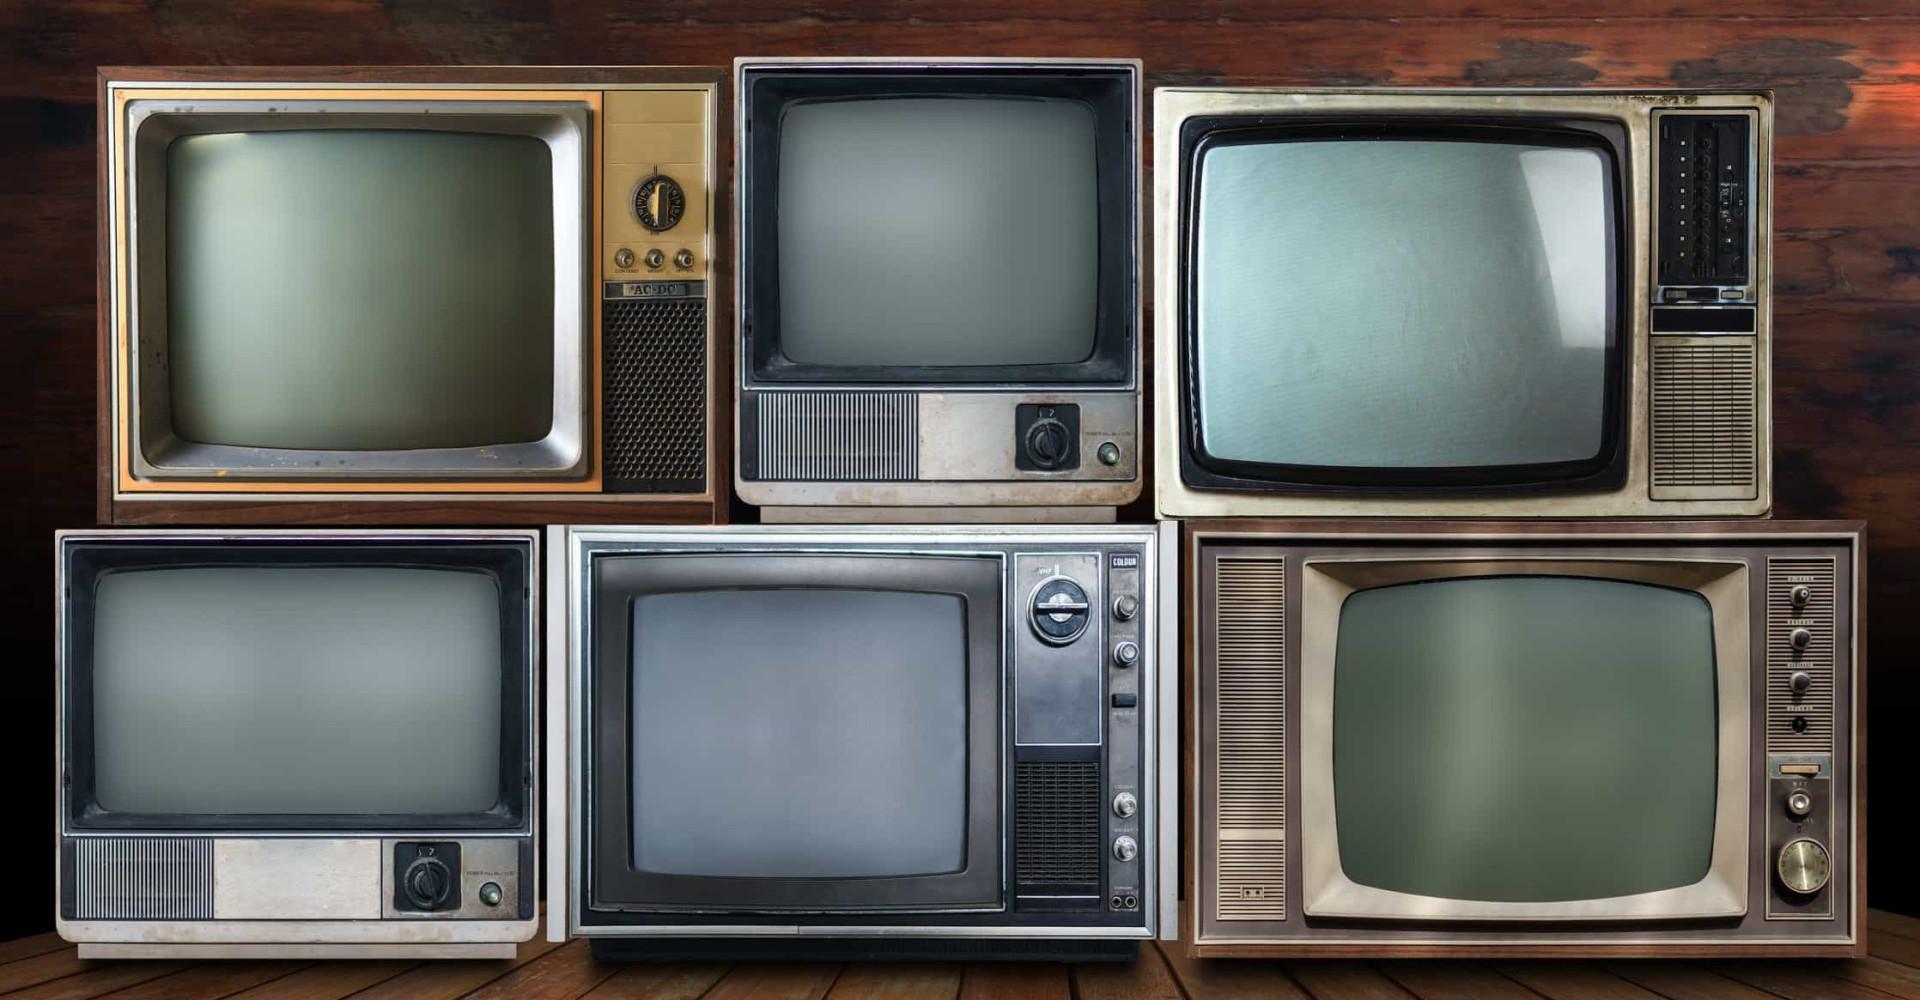 Record di ascolti: le trasmissioni più viste nella storia della TV italiana